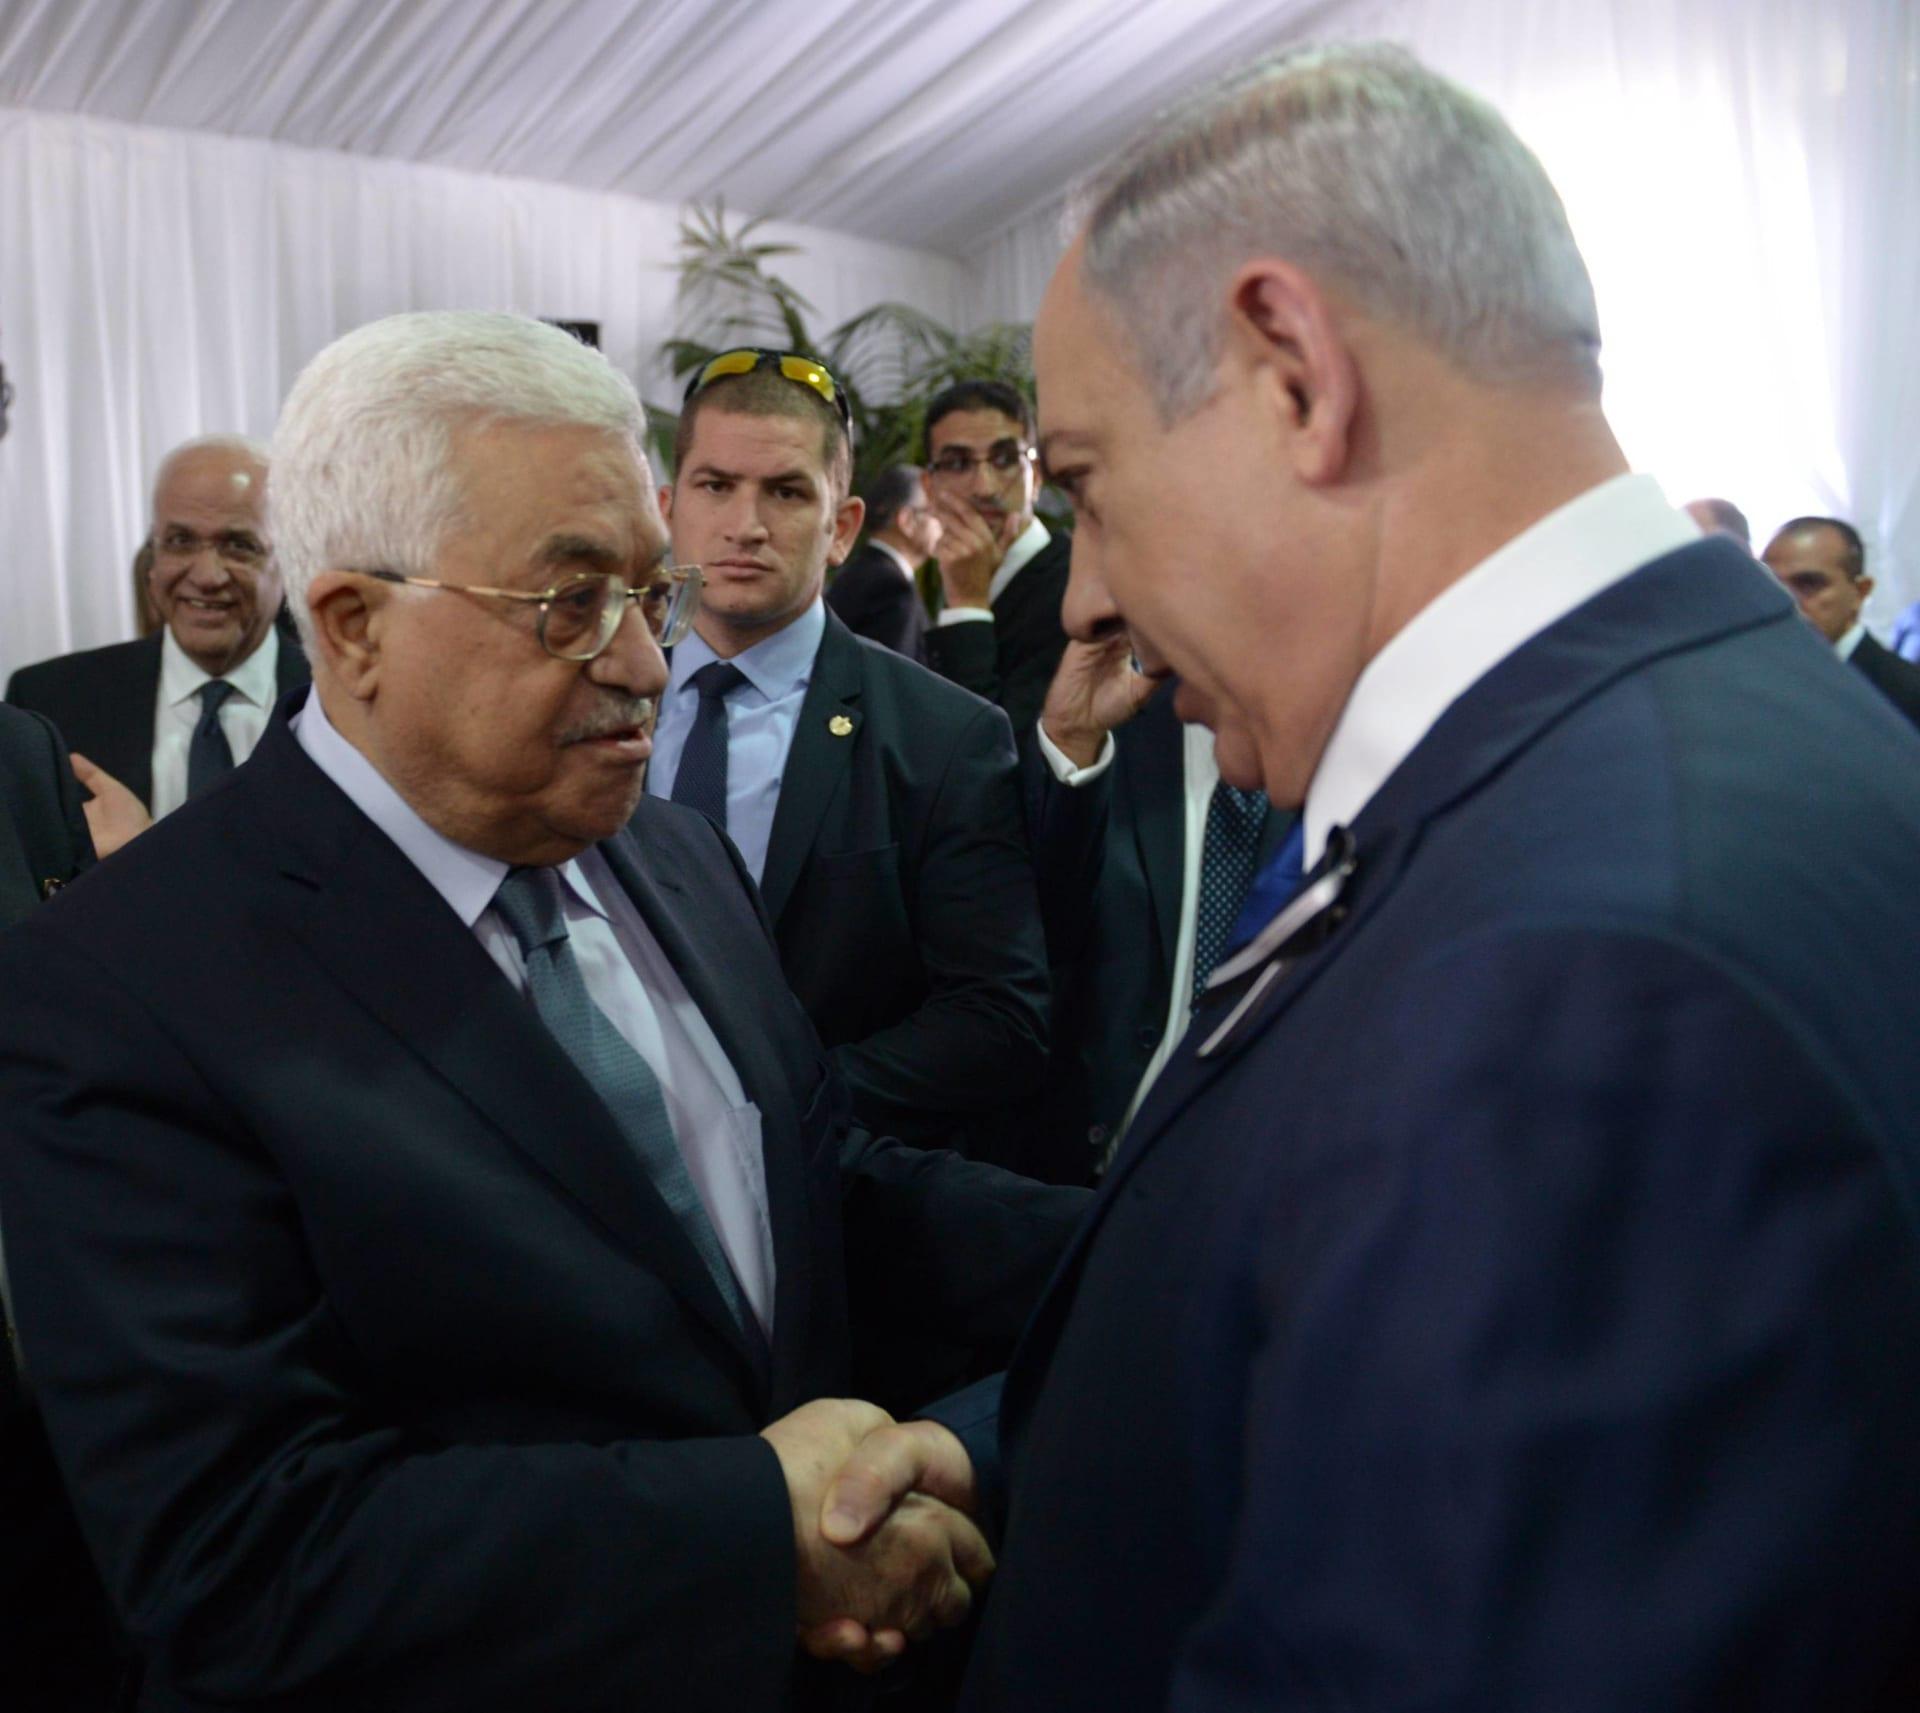 """نتنياهو: مؤتمر باريس """"عقيم"""" و""""يعطل السلام"""".. محمود عباس: بعد 50 عاماً من الاحتلال يقول الفلسطينيون كفى"""